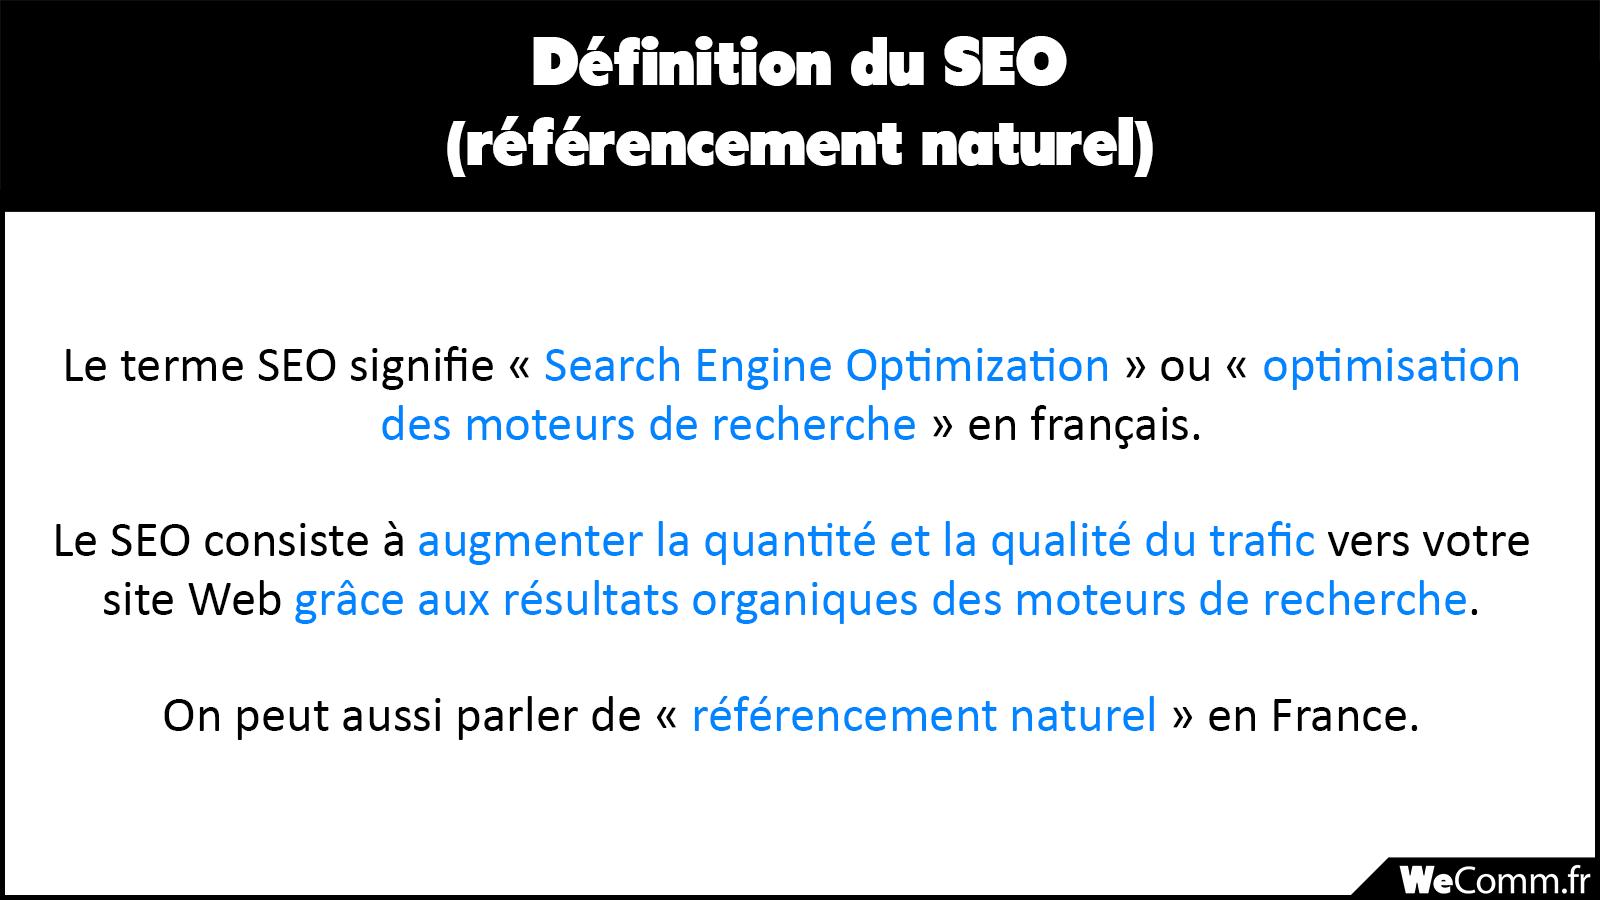 Définition marketing du seo (référencement naturel)